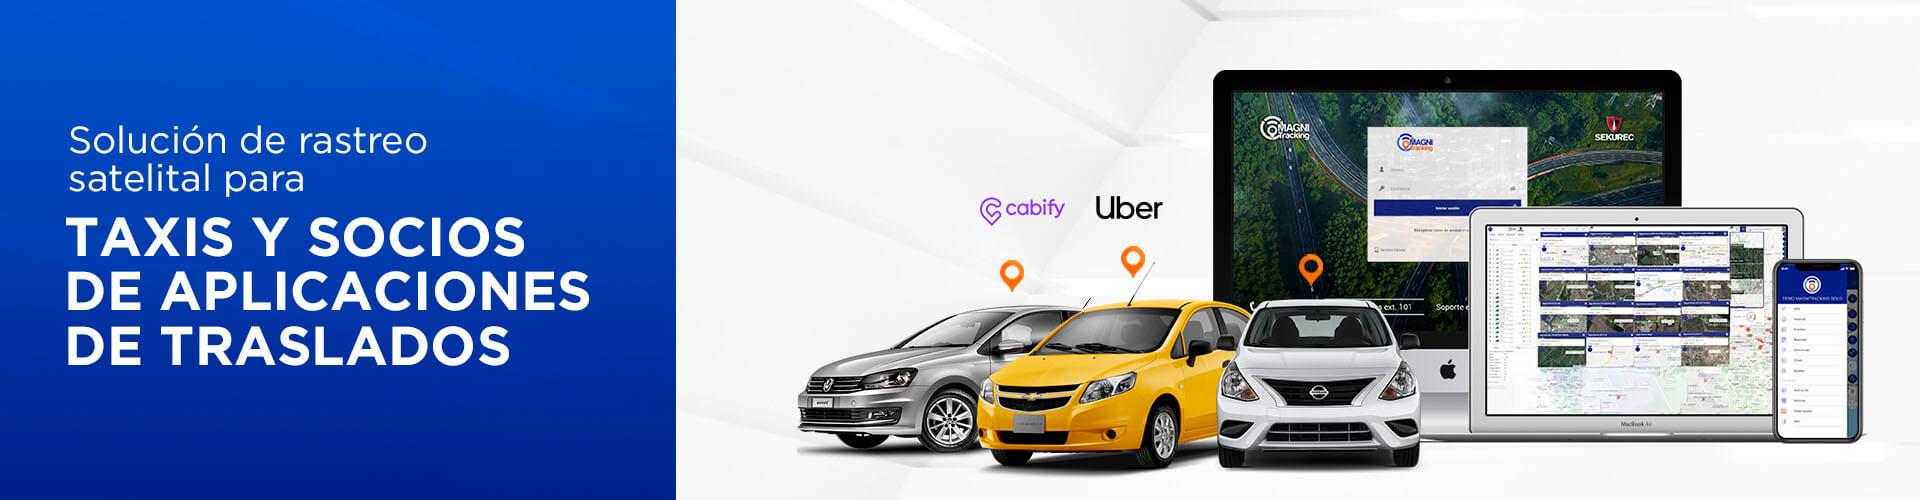 industrias-taxis-aplicaciones